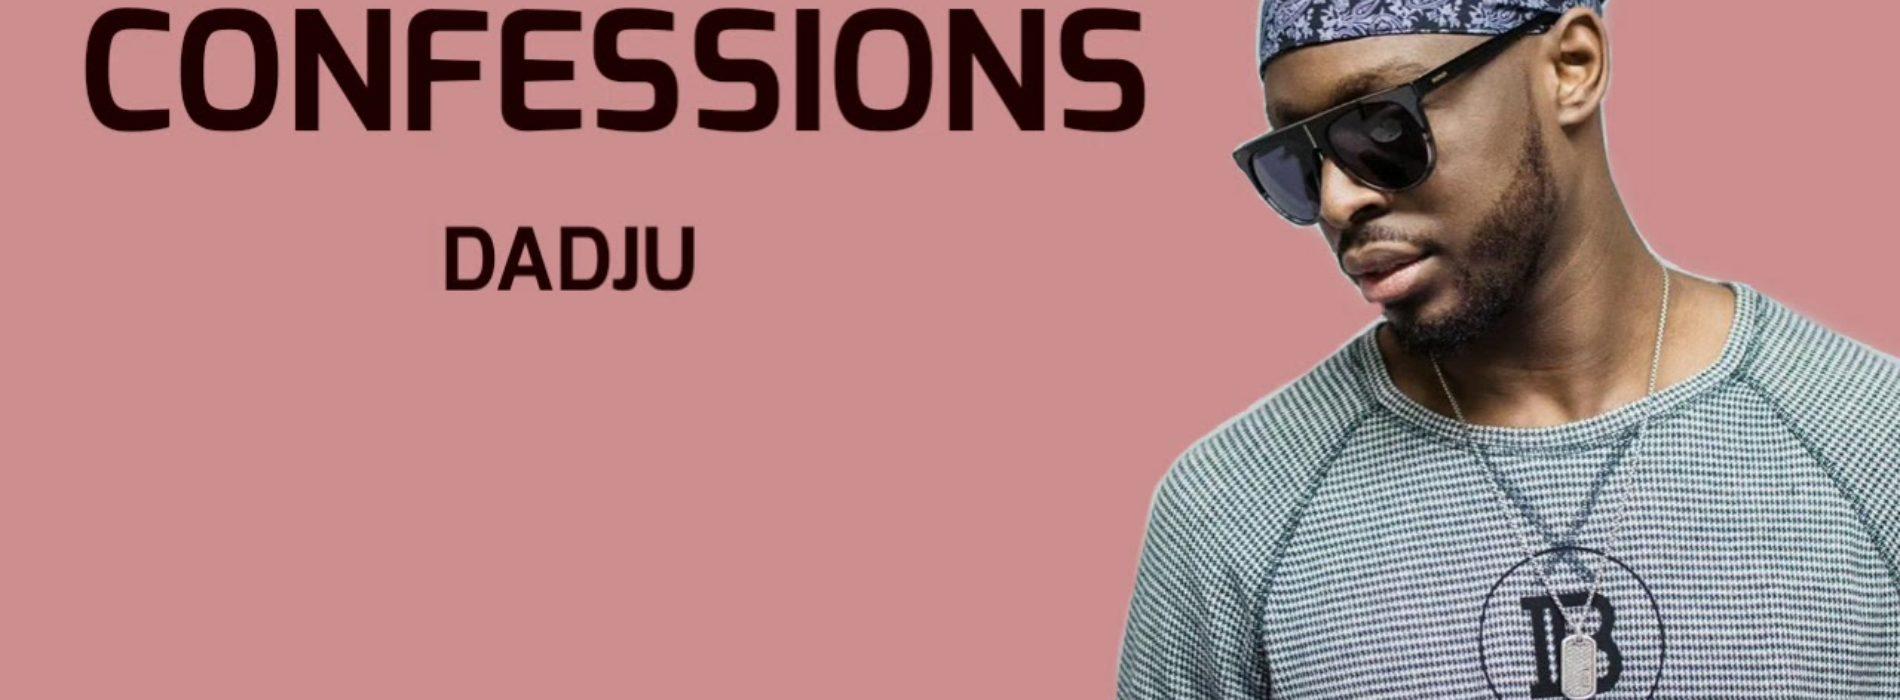 DADJU – Confessions (Clip Officiel) – Novembre 2019